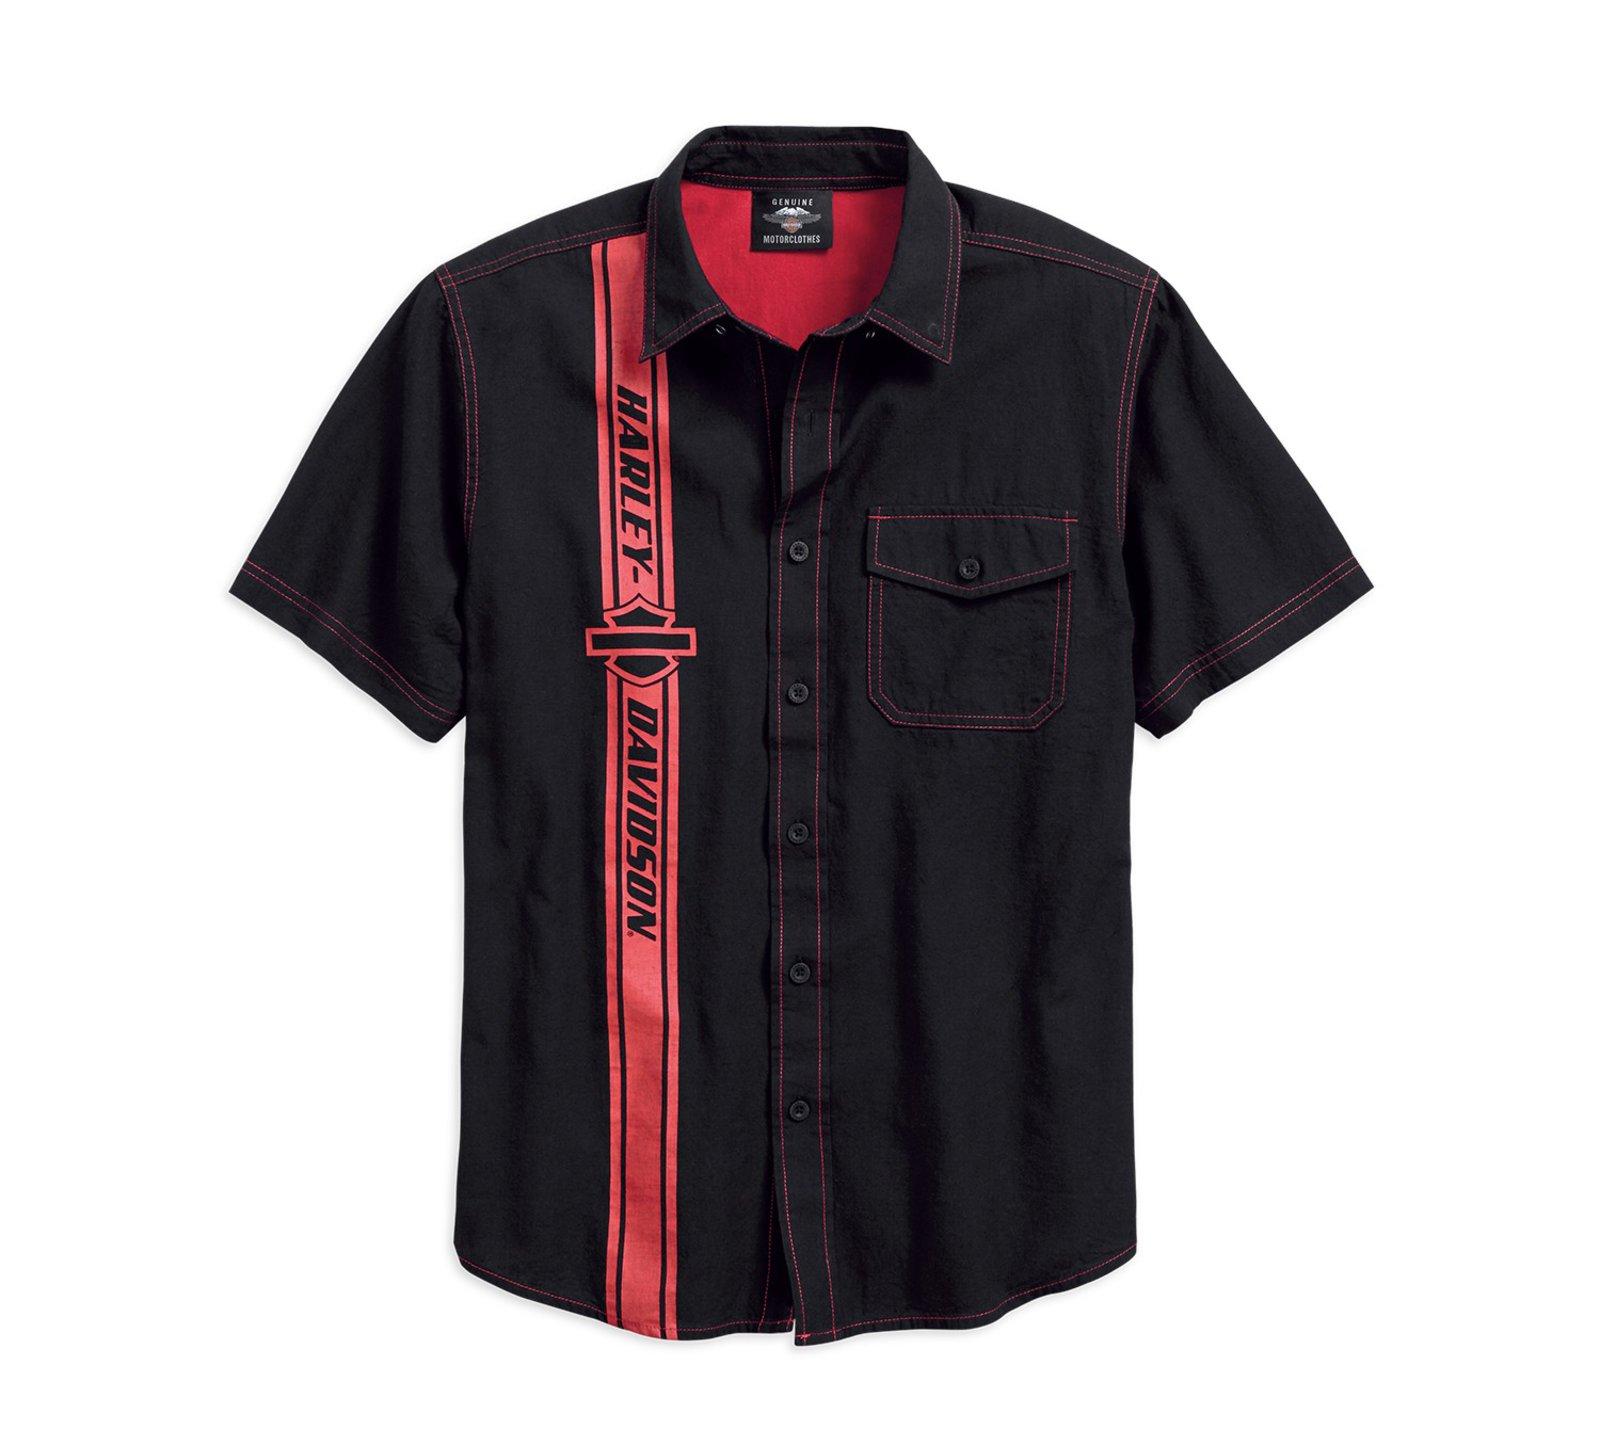 33dccce043a Pánská košile TOP-GMIC